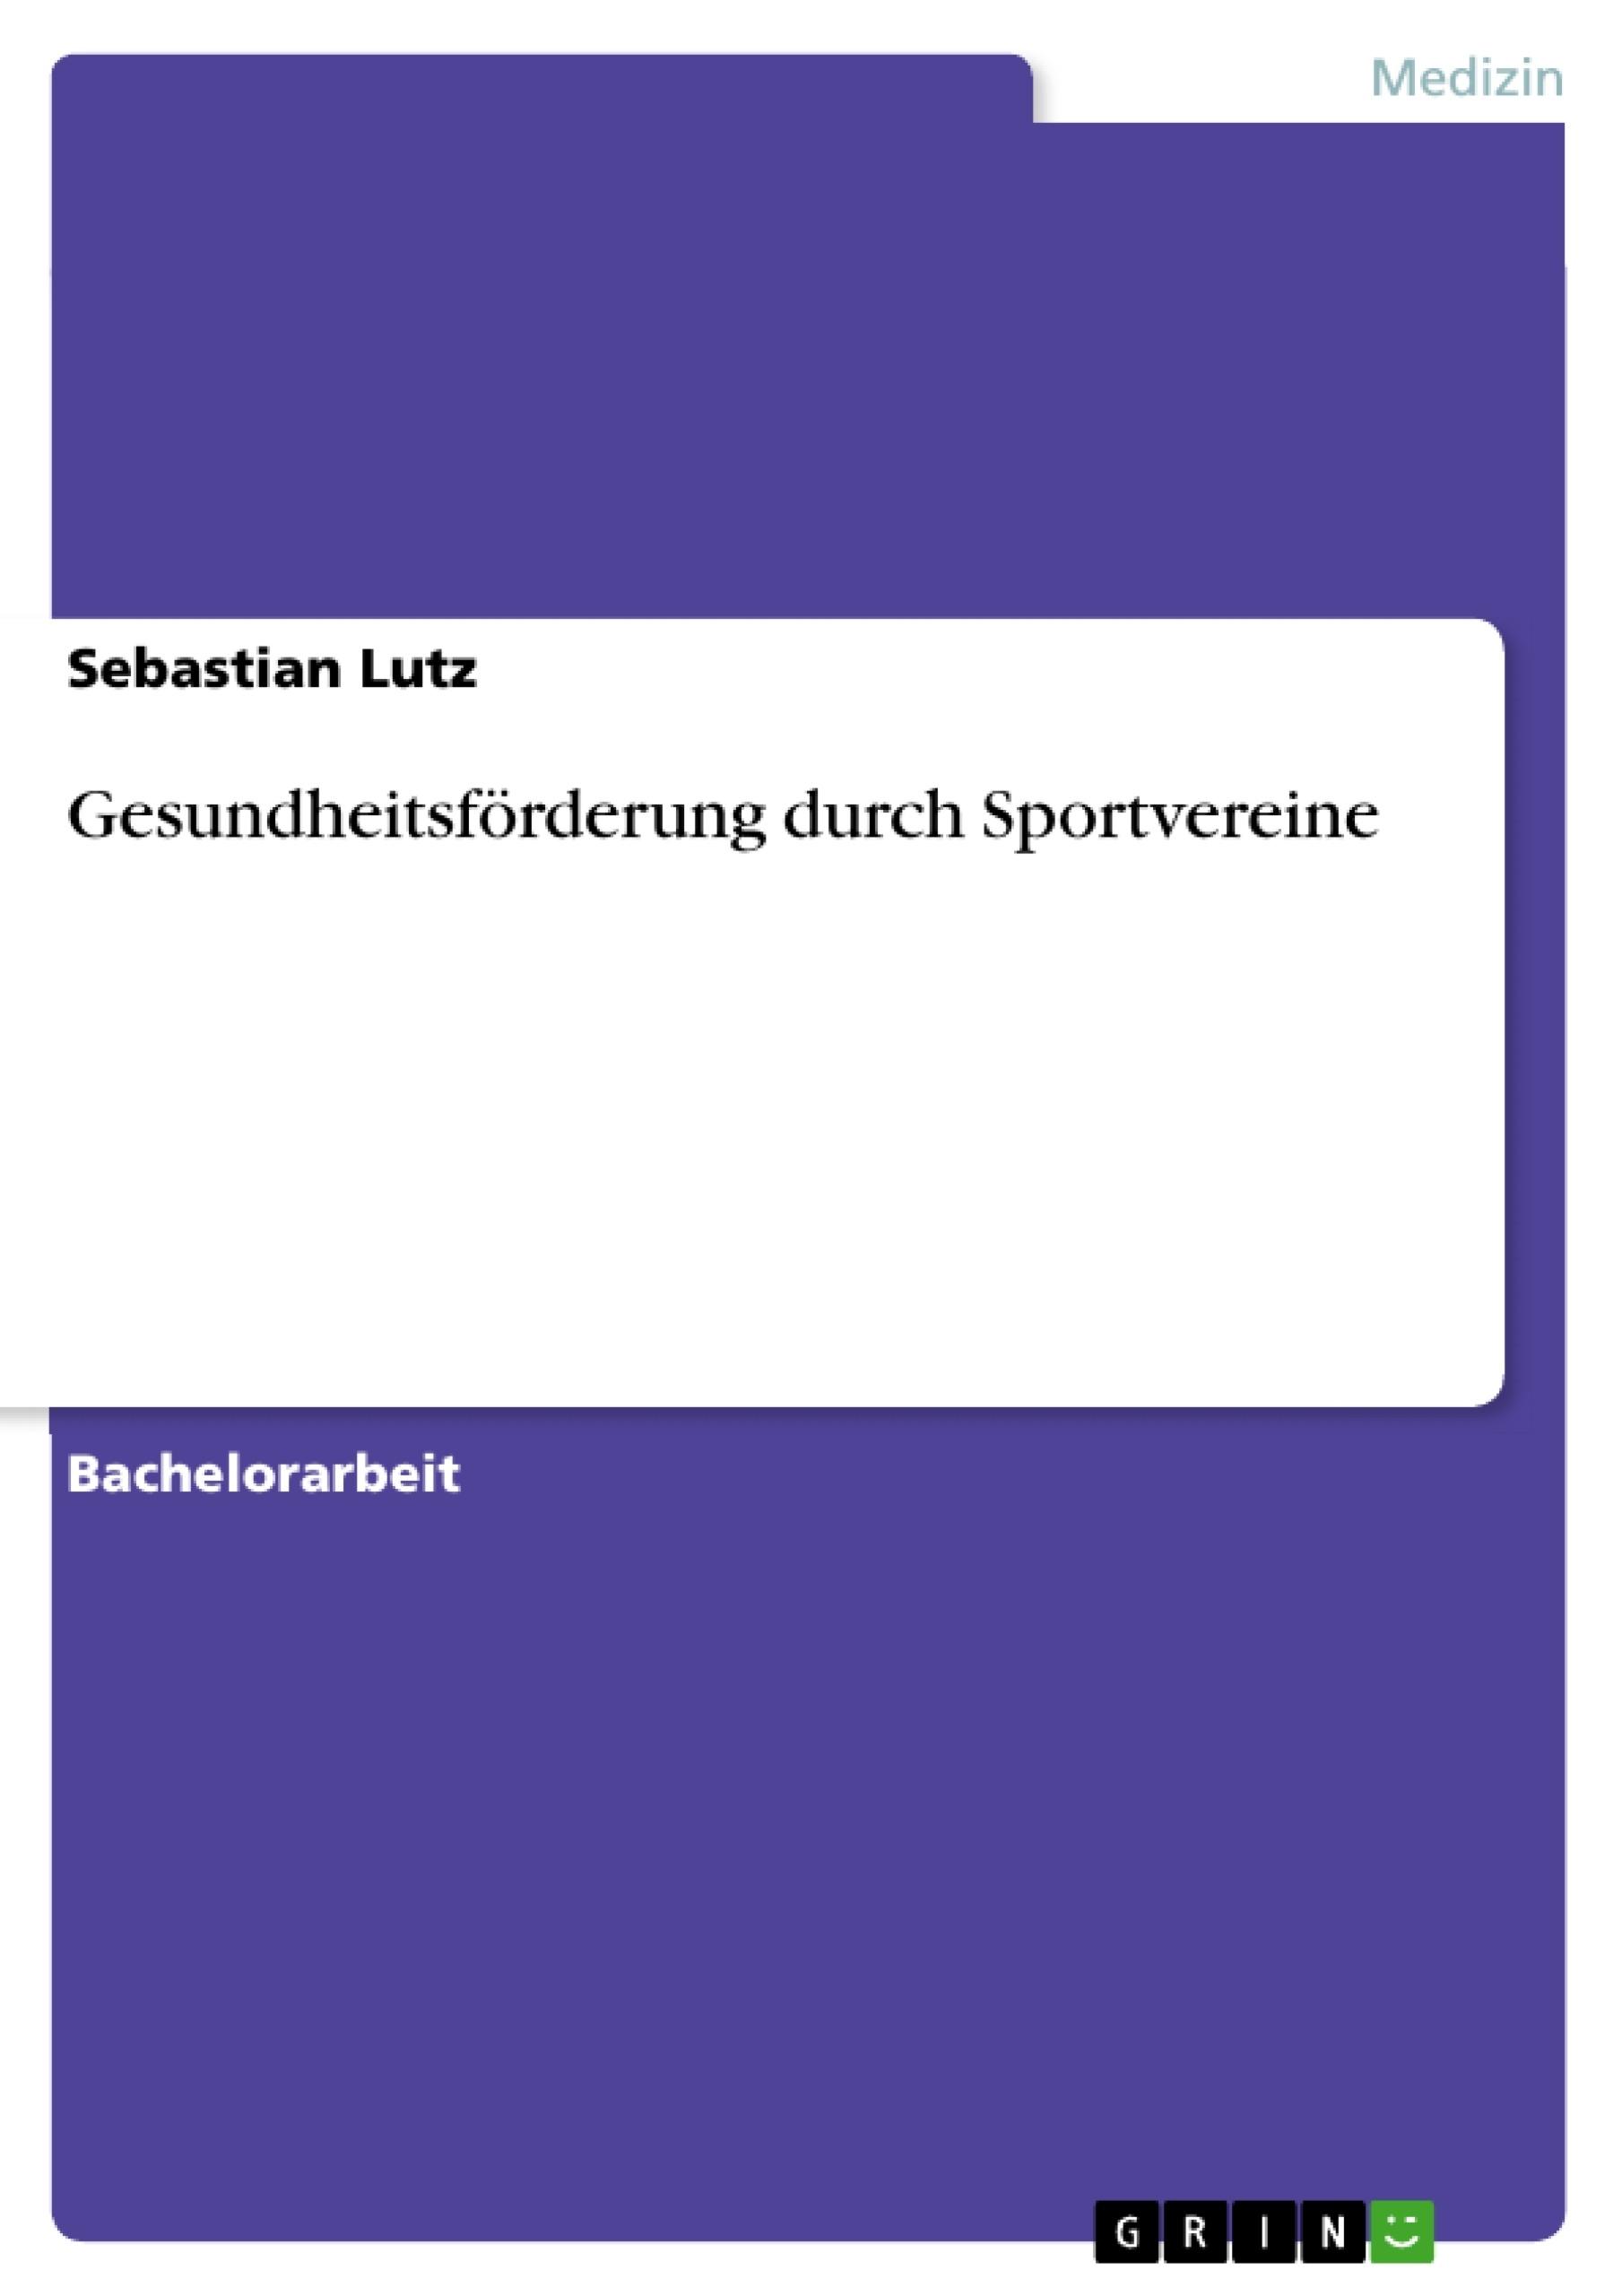 Titel: Gesundheitsförderung durch Sportvereine